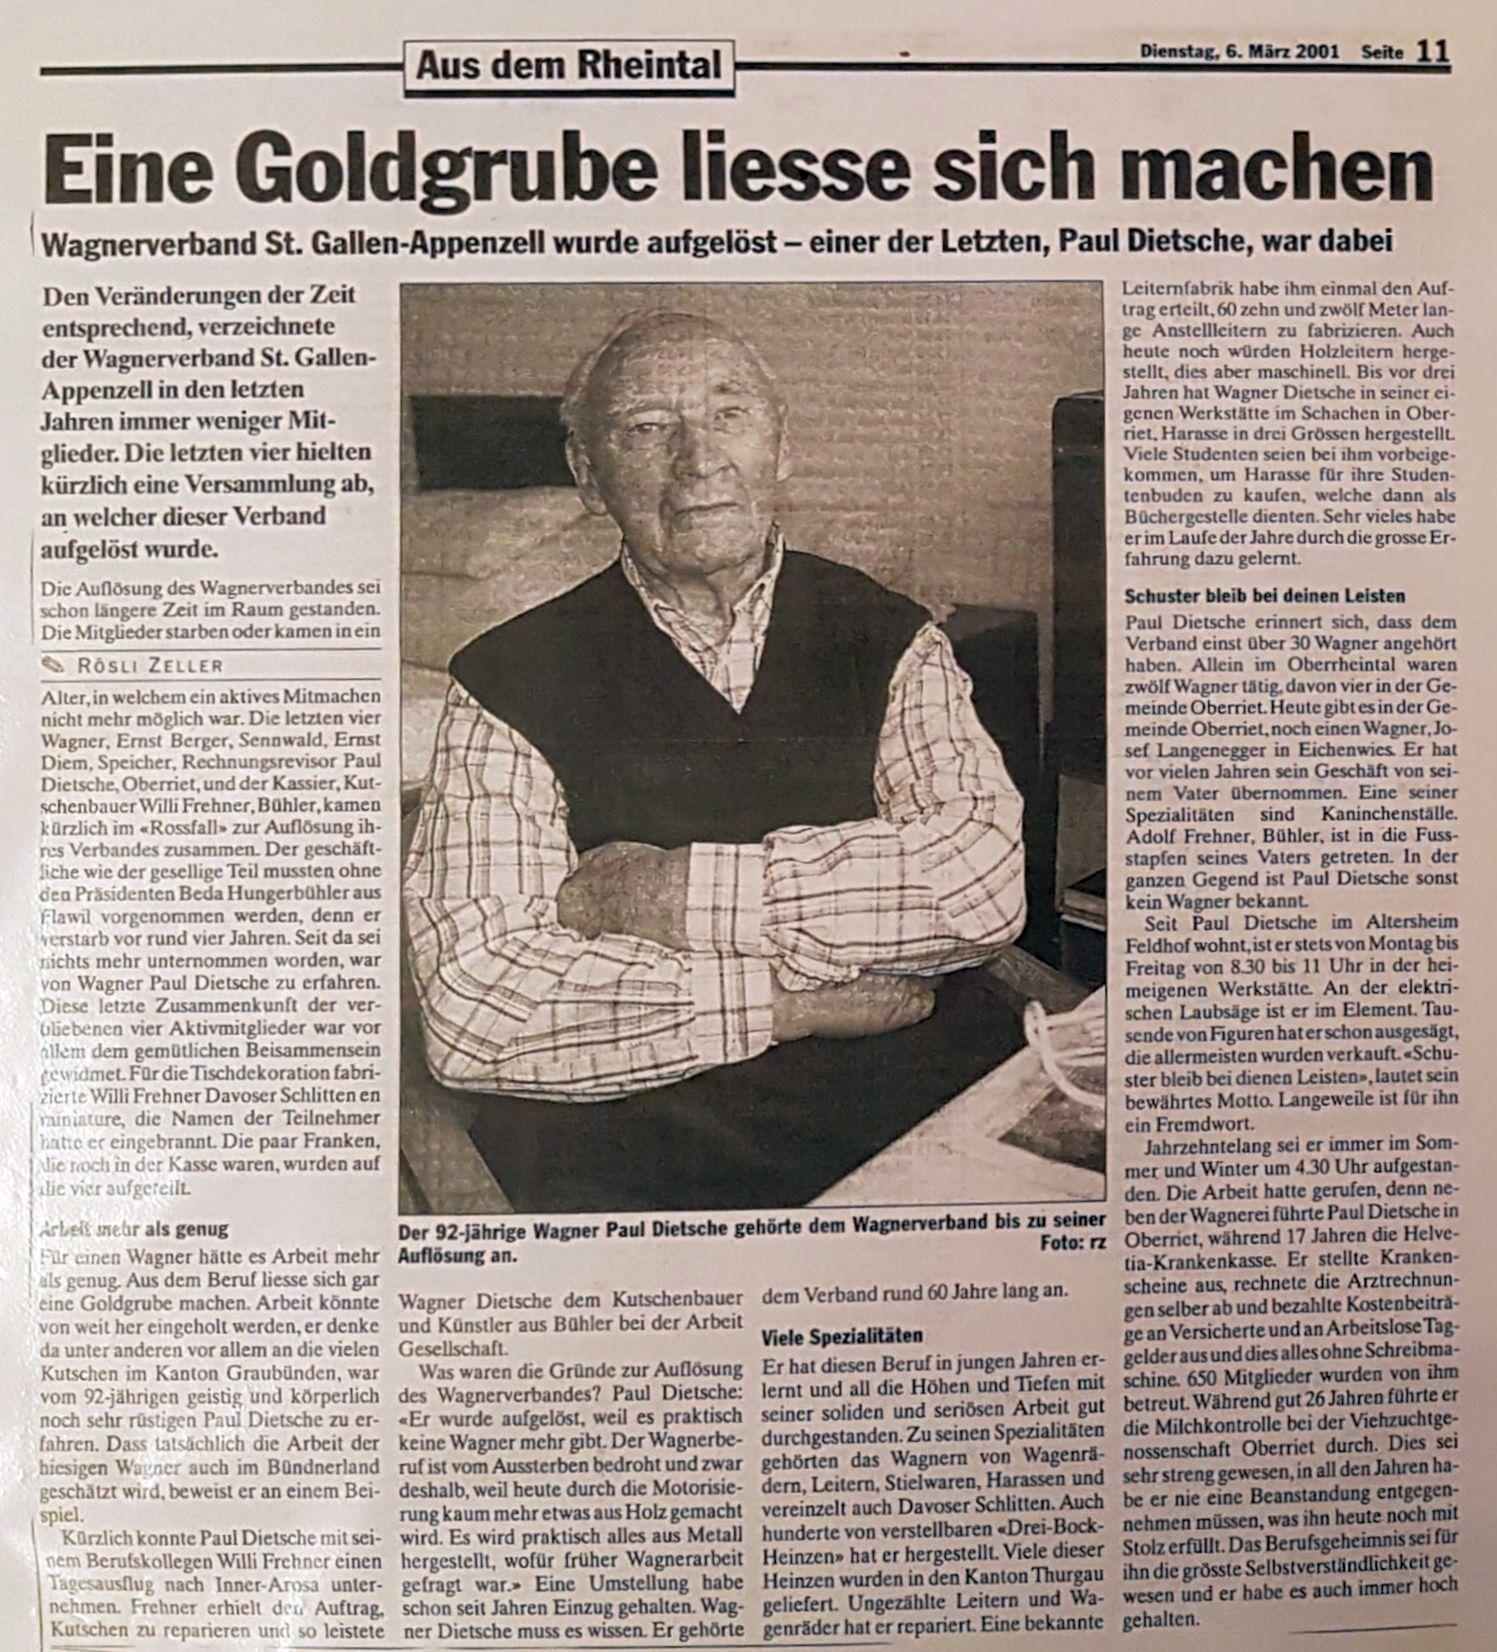 Paul Dietsche